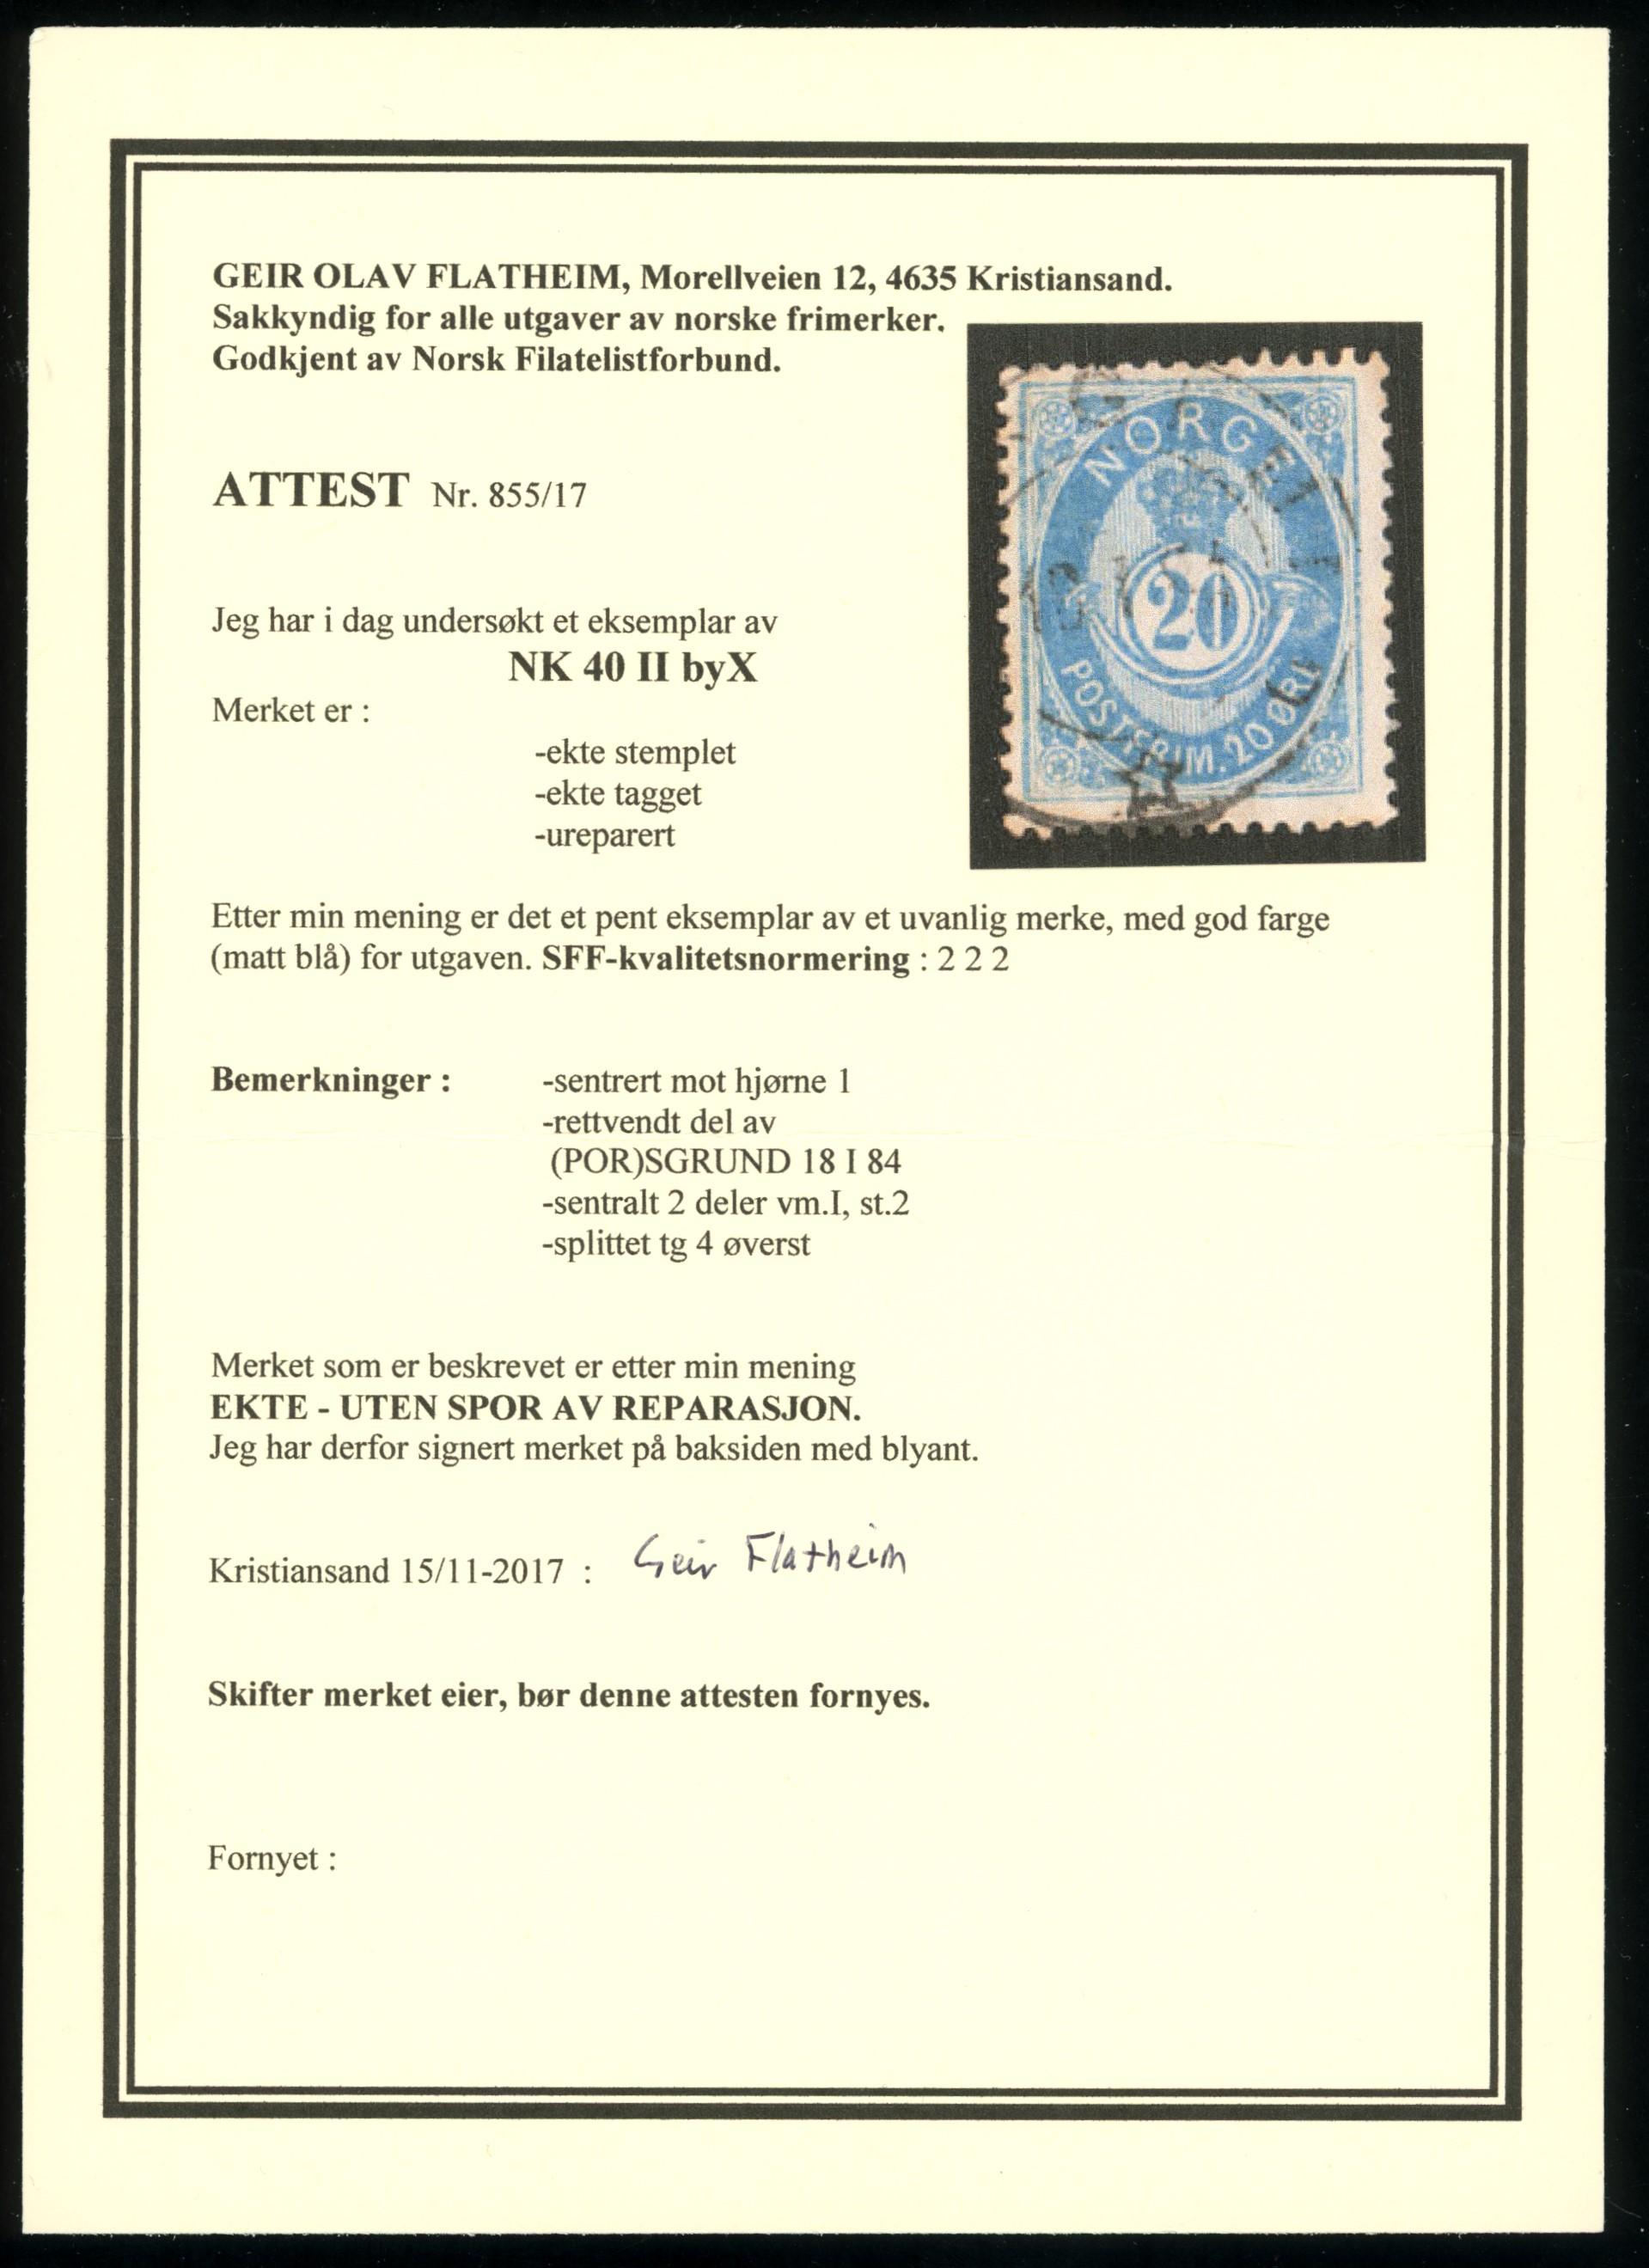 Lot 3961 - 21 mm elektrotypi  -  Skanfil Auksjoner AS  Public auction 211